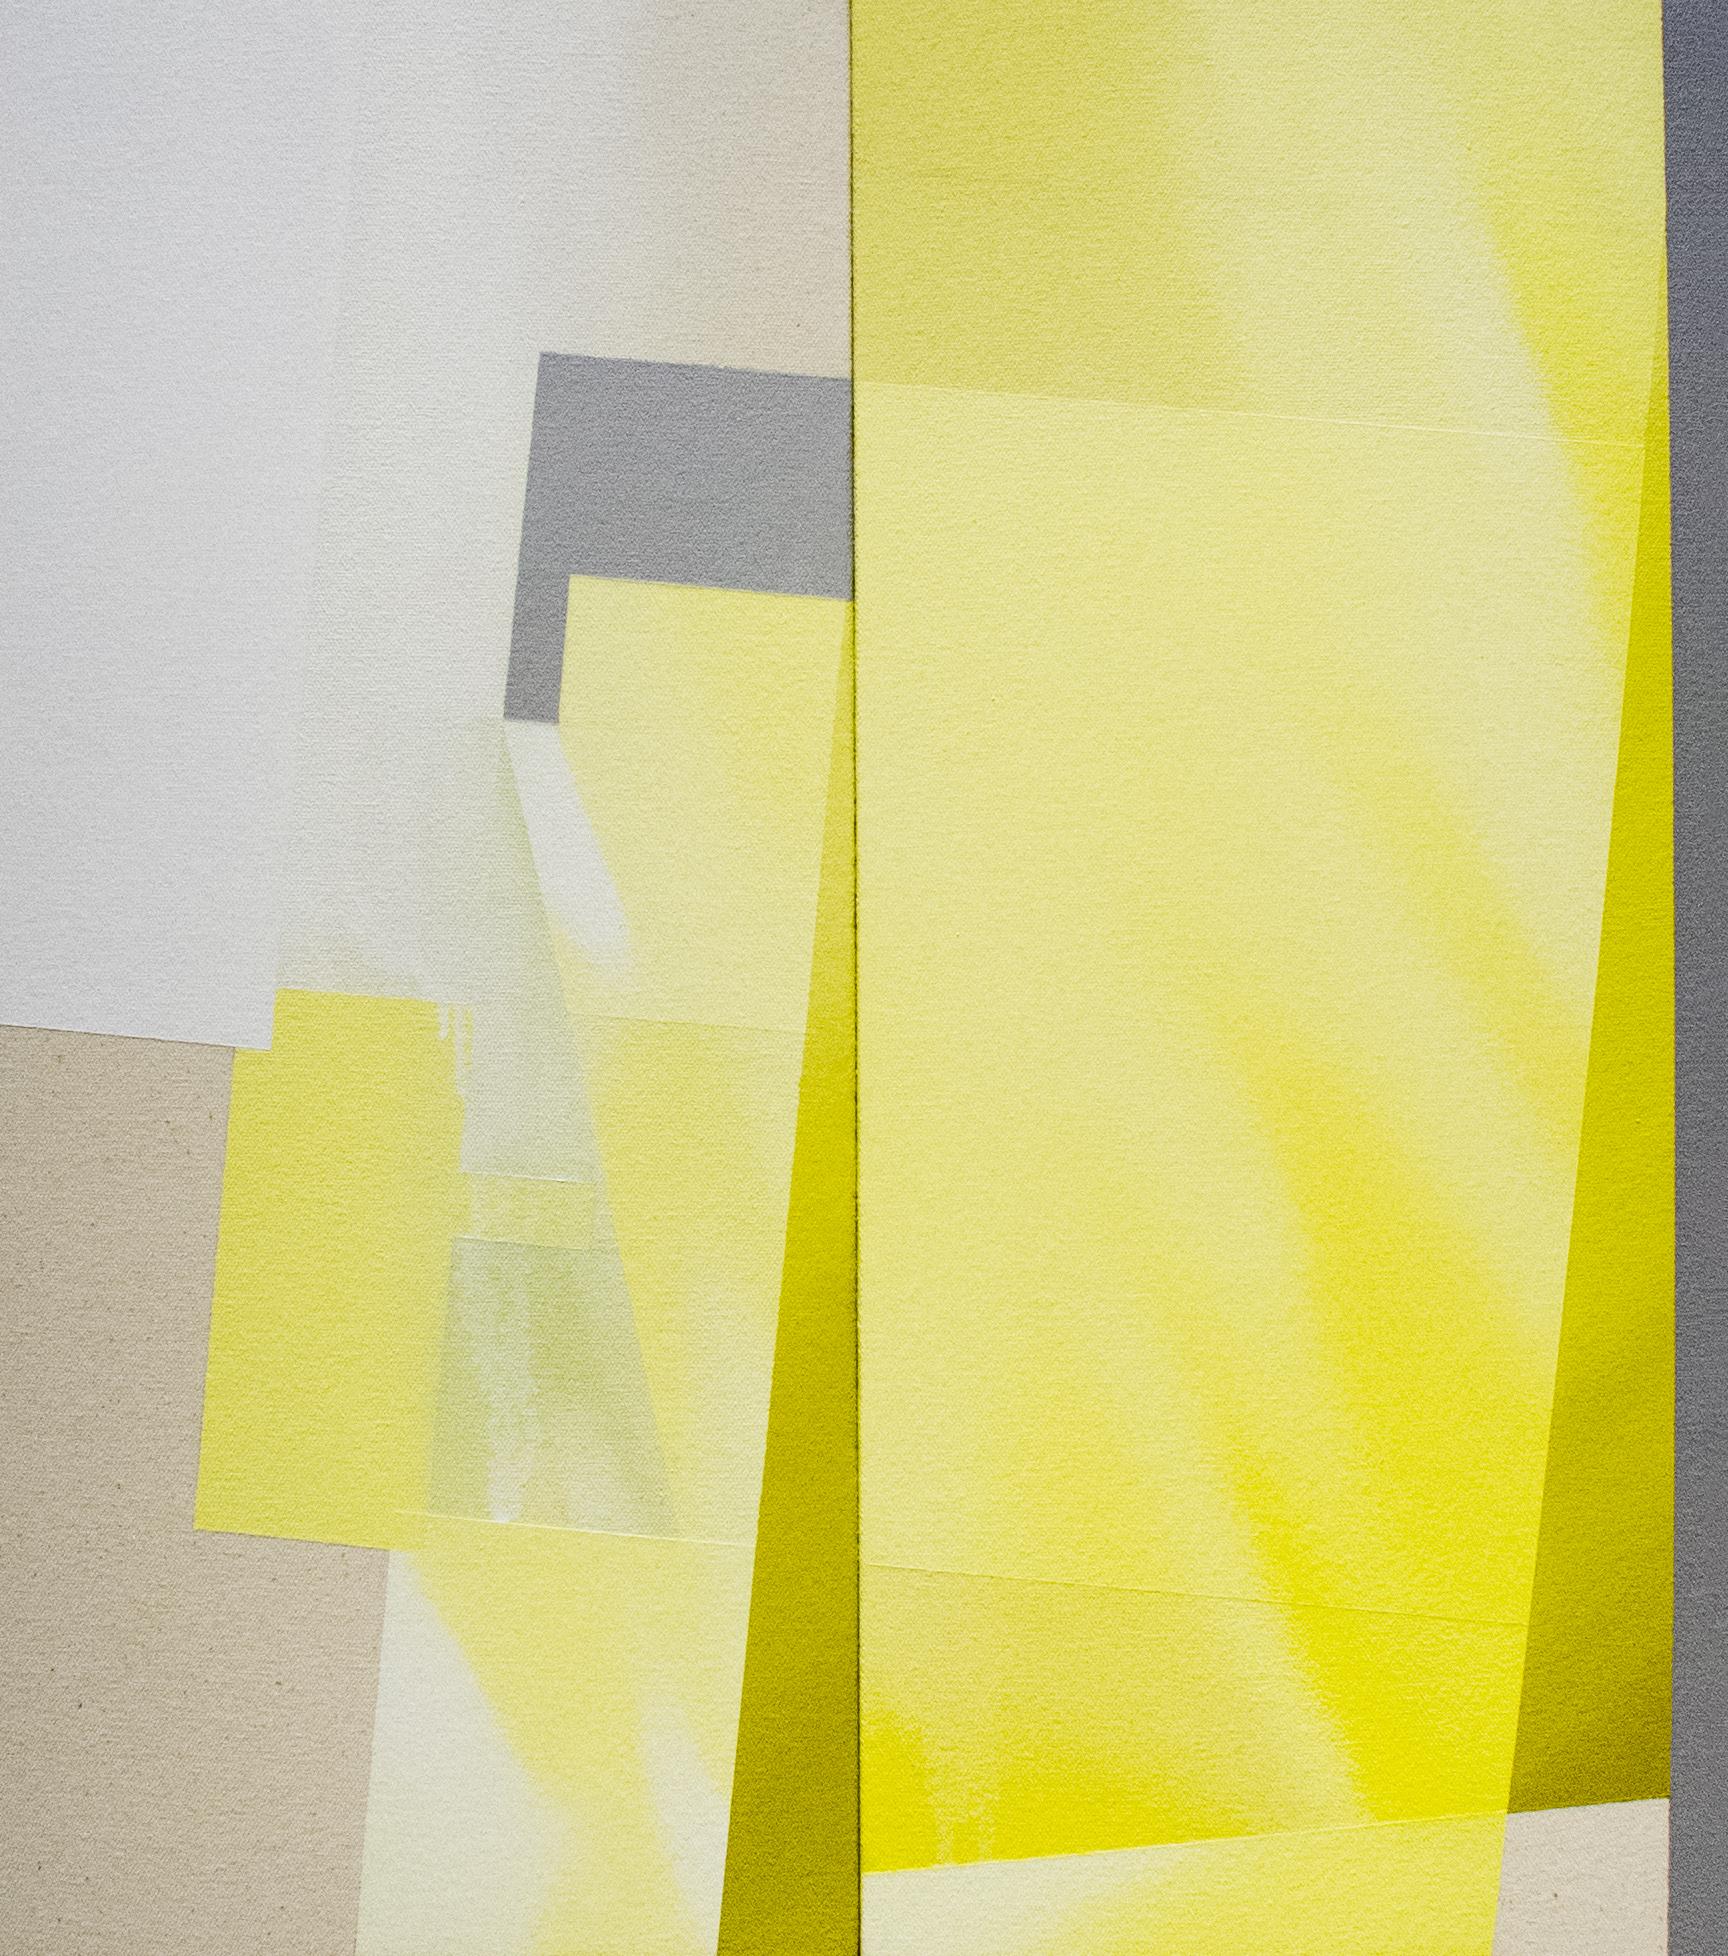 Mr Bauhaus (telepath), 2015